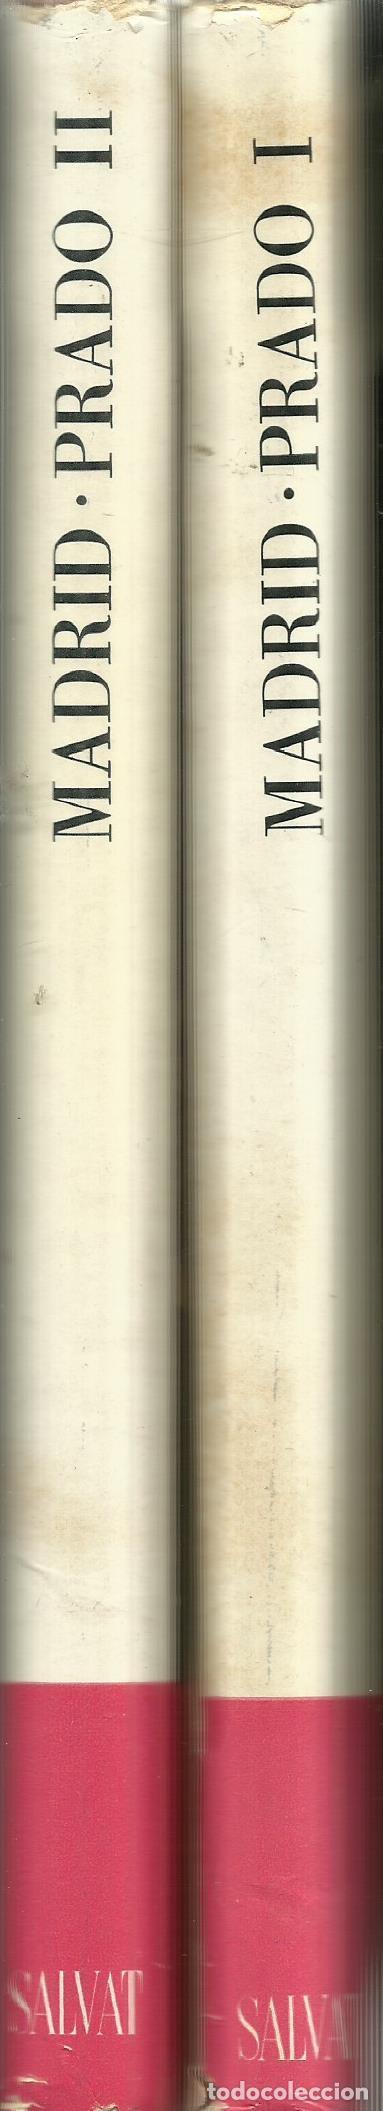 Libros de segunda mano: MUSEO DEL PRADO. 2 TOMOS. SALVAT. PAMPLONA. 1964 - Foto 2 - 71437087